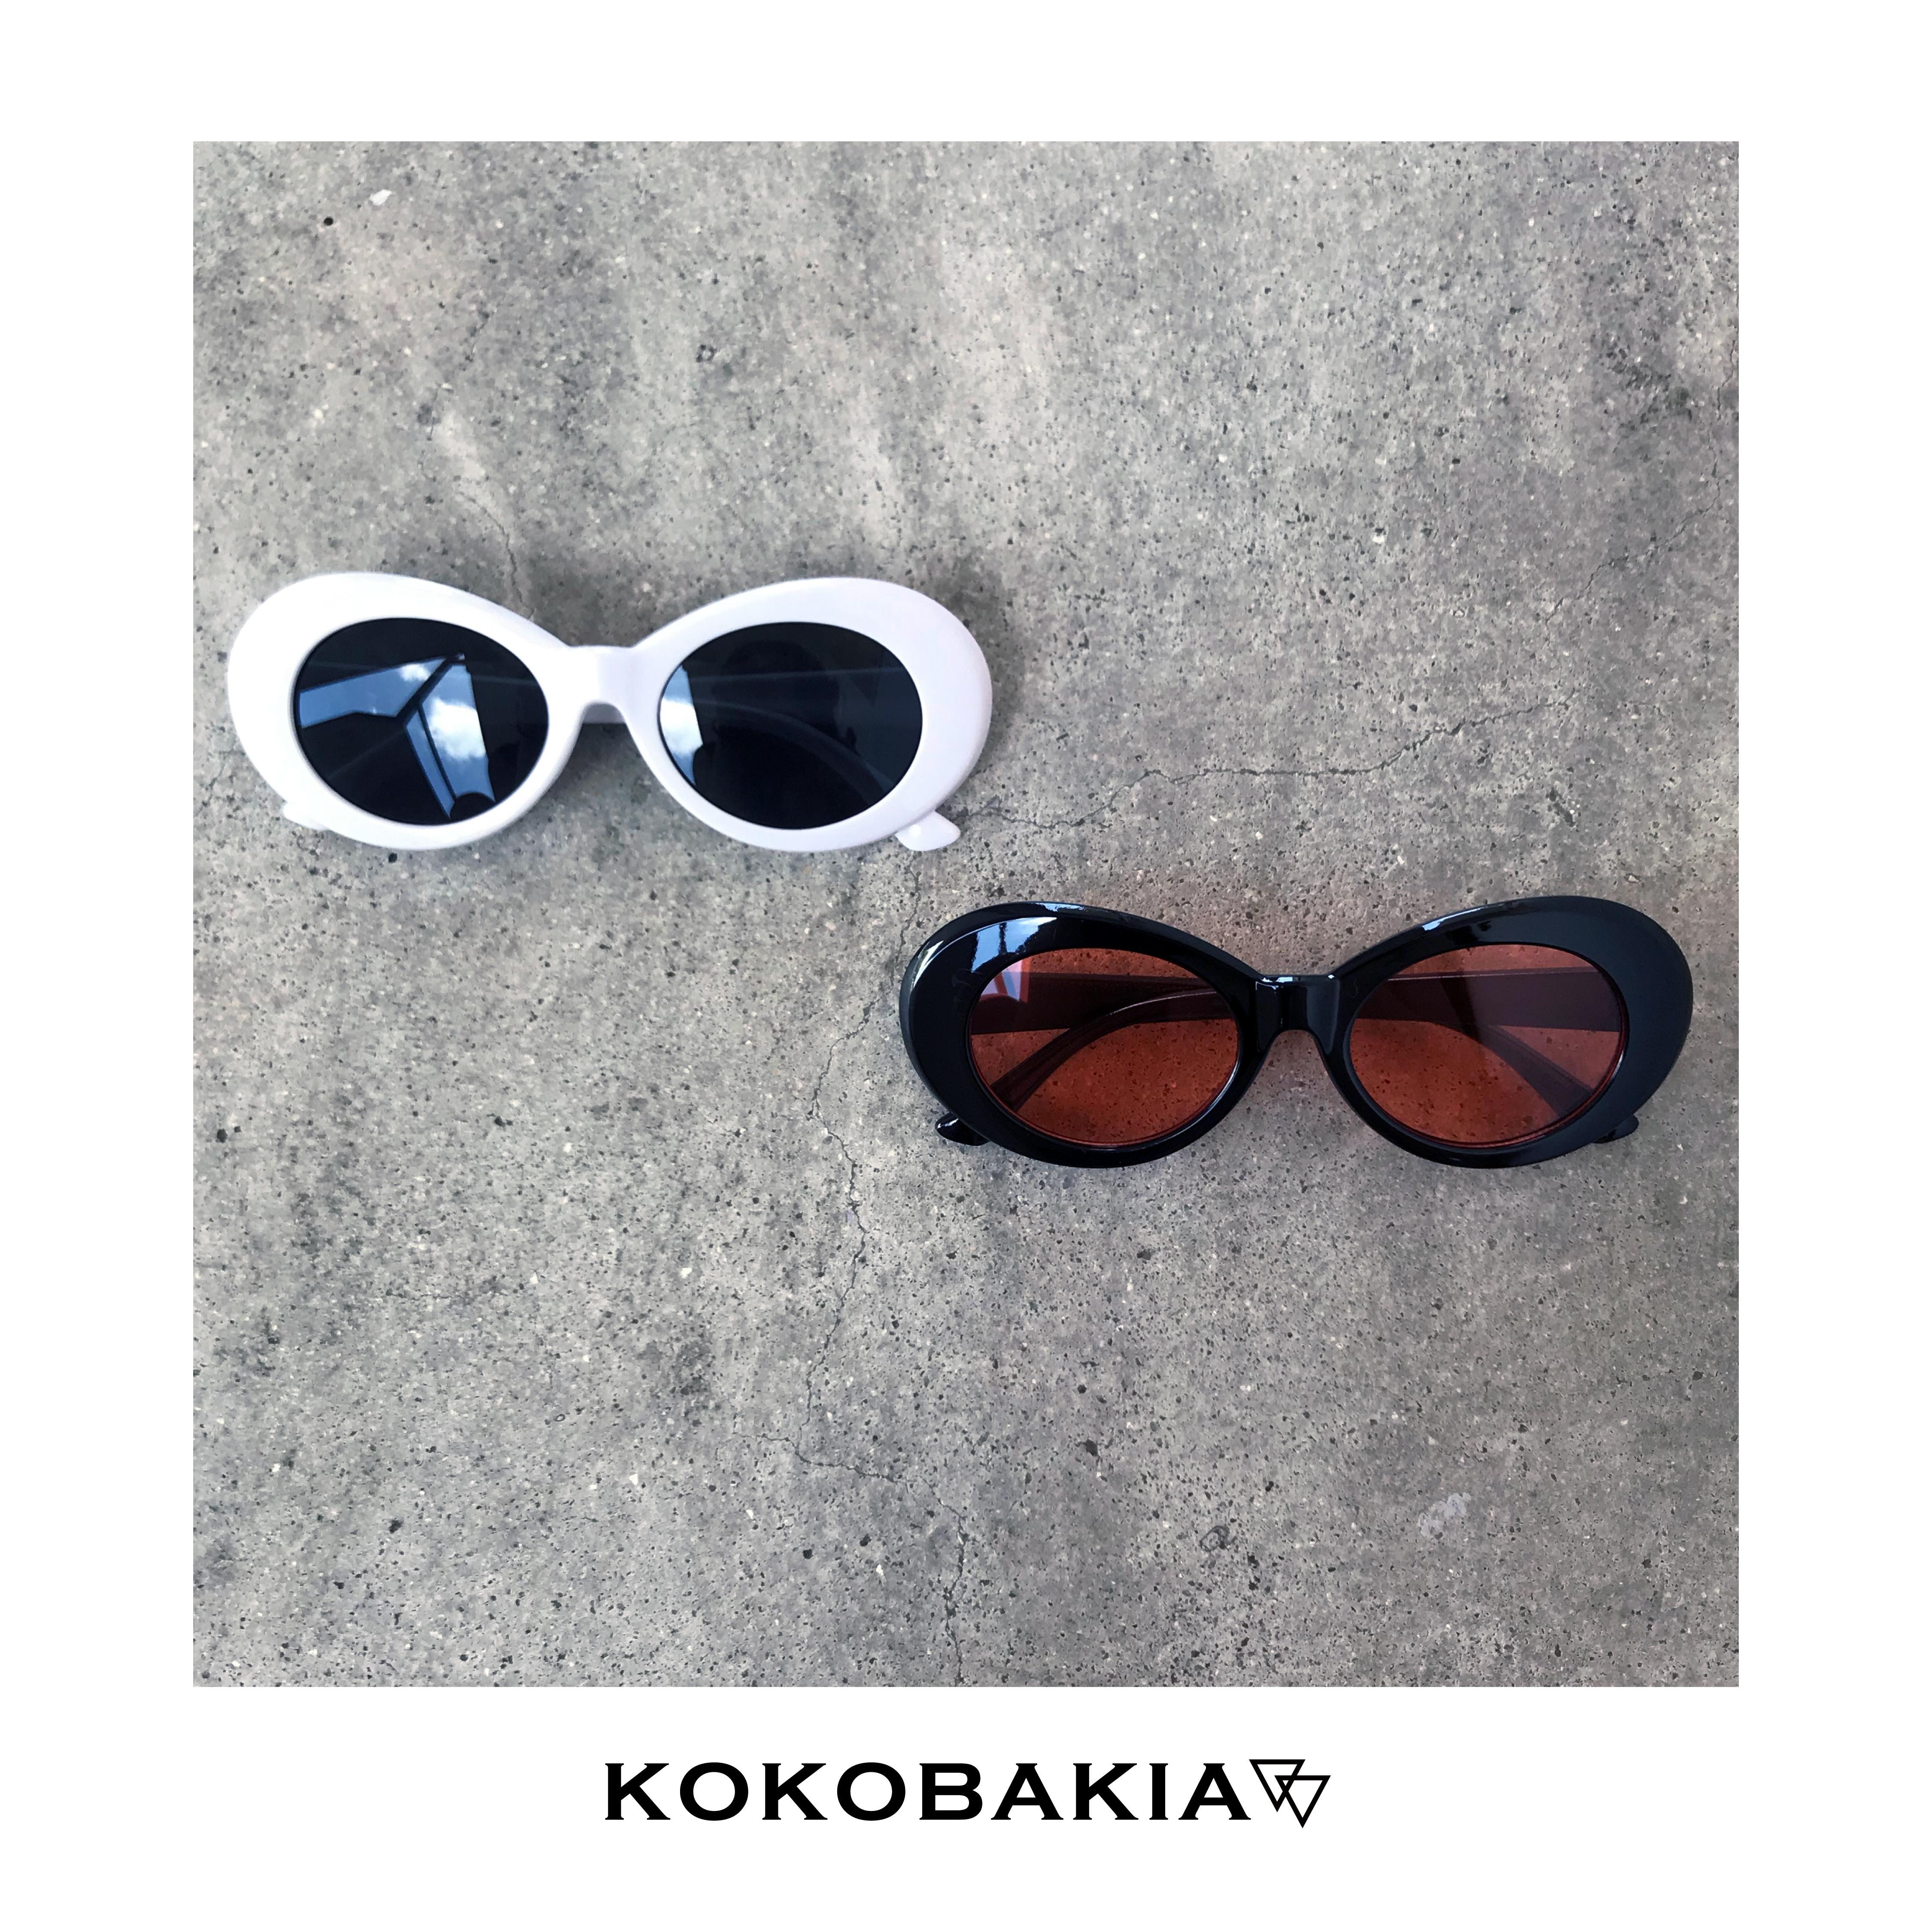 オーバル サングラス 【KOKOBAKIA】 ロゴ入り メンズ レディース #ロックファッション #ストリートファッション